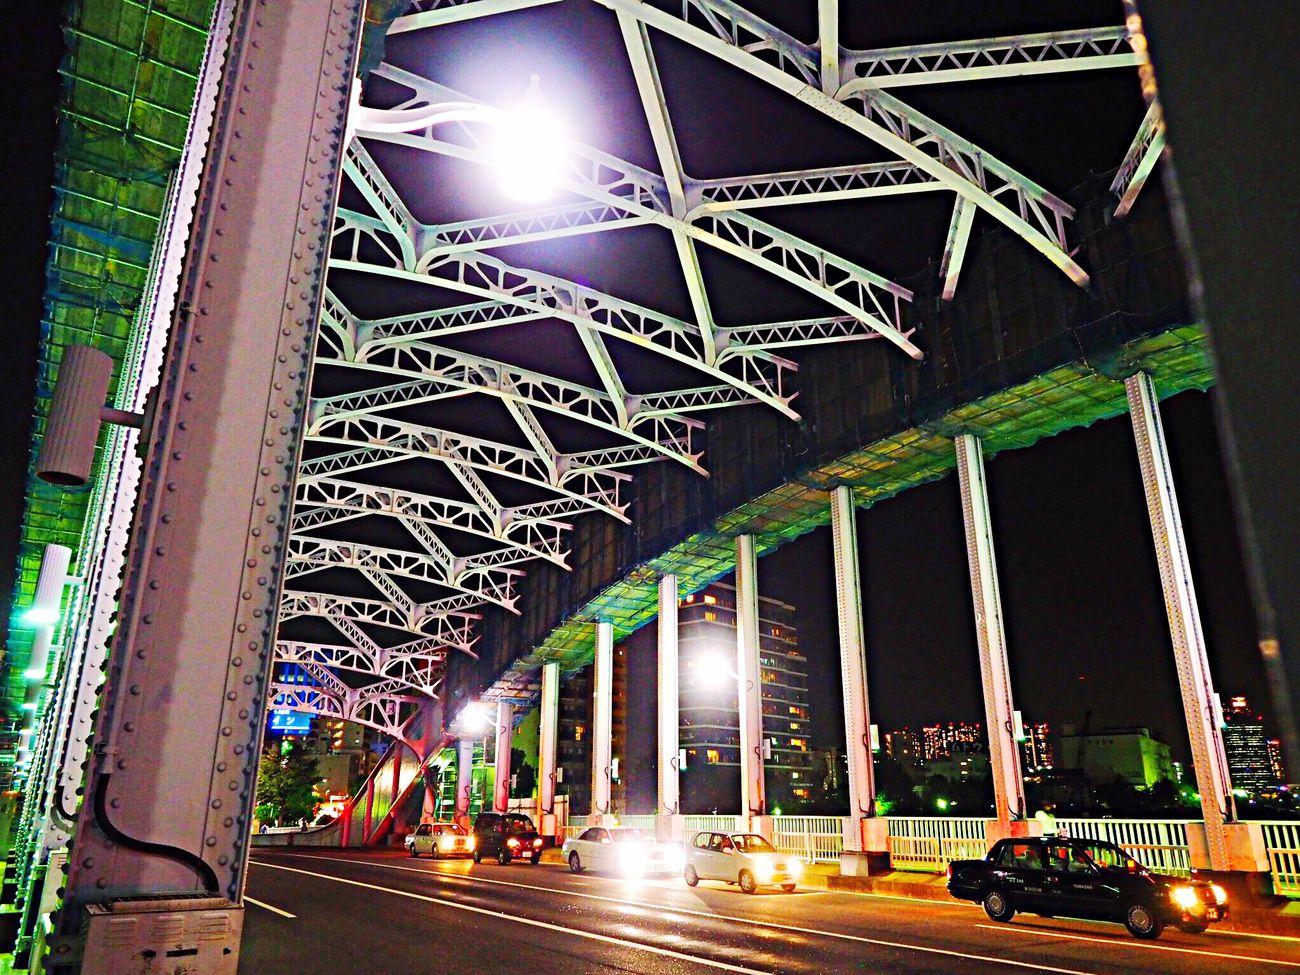 永代橋、年内工事中…😥ライトアップ早く見てみたい💦 Bridge Bridge View Architecture Night From My Point Of View EyeEm Best Edits Illuminated Relax Relaxing Time Tokyo Japan